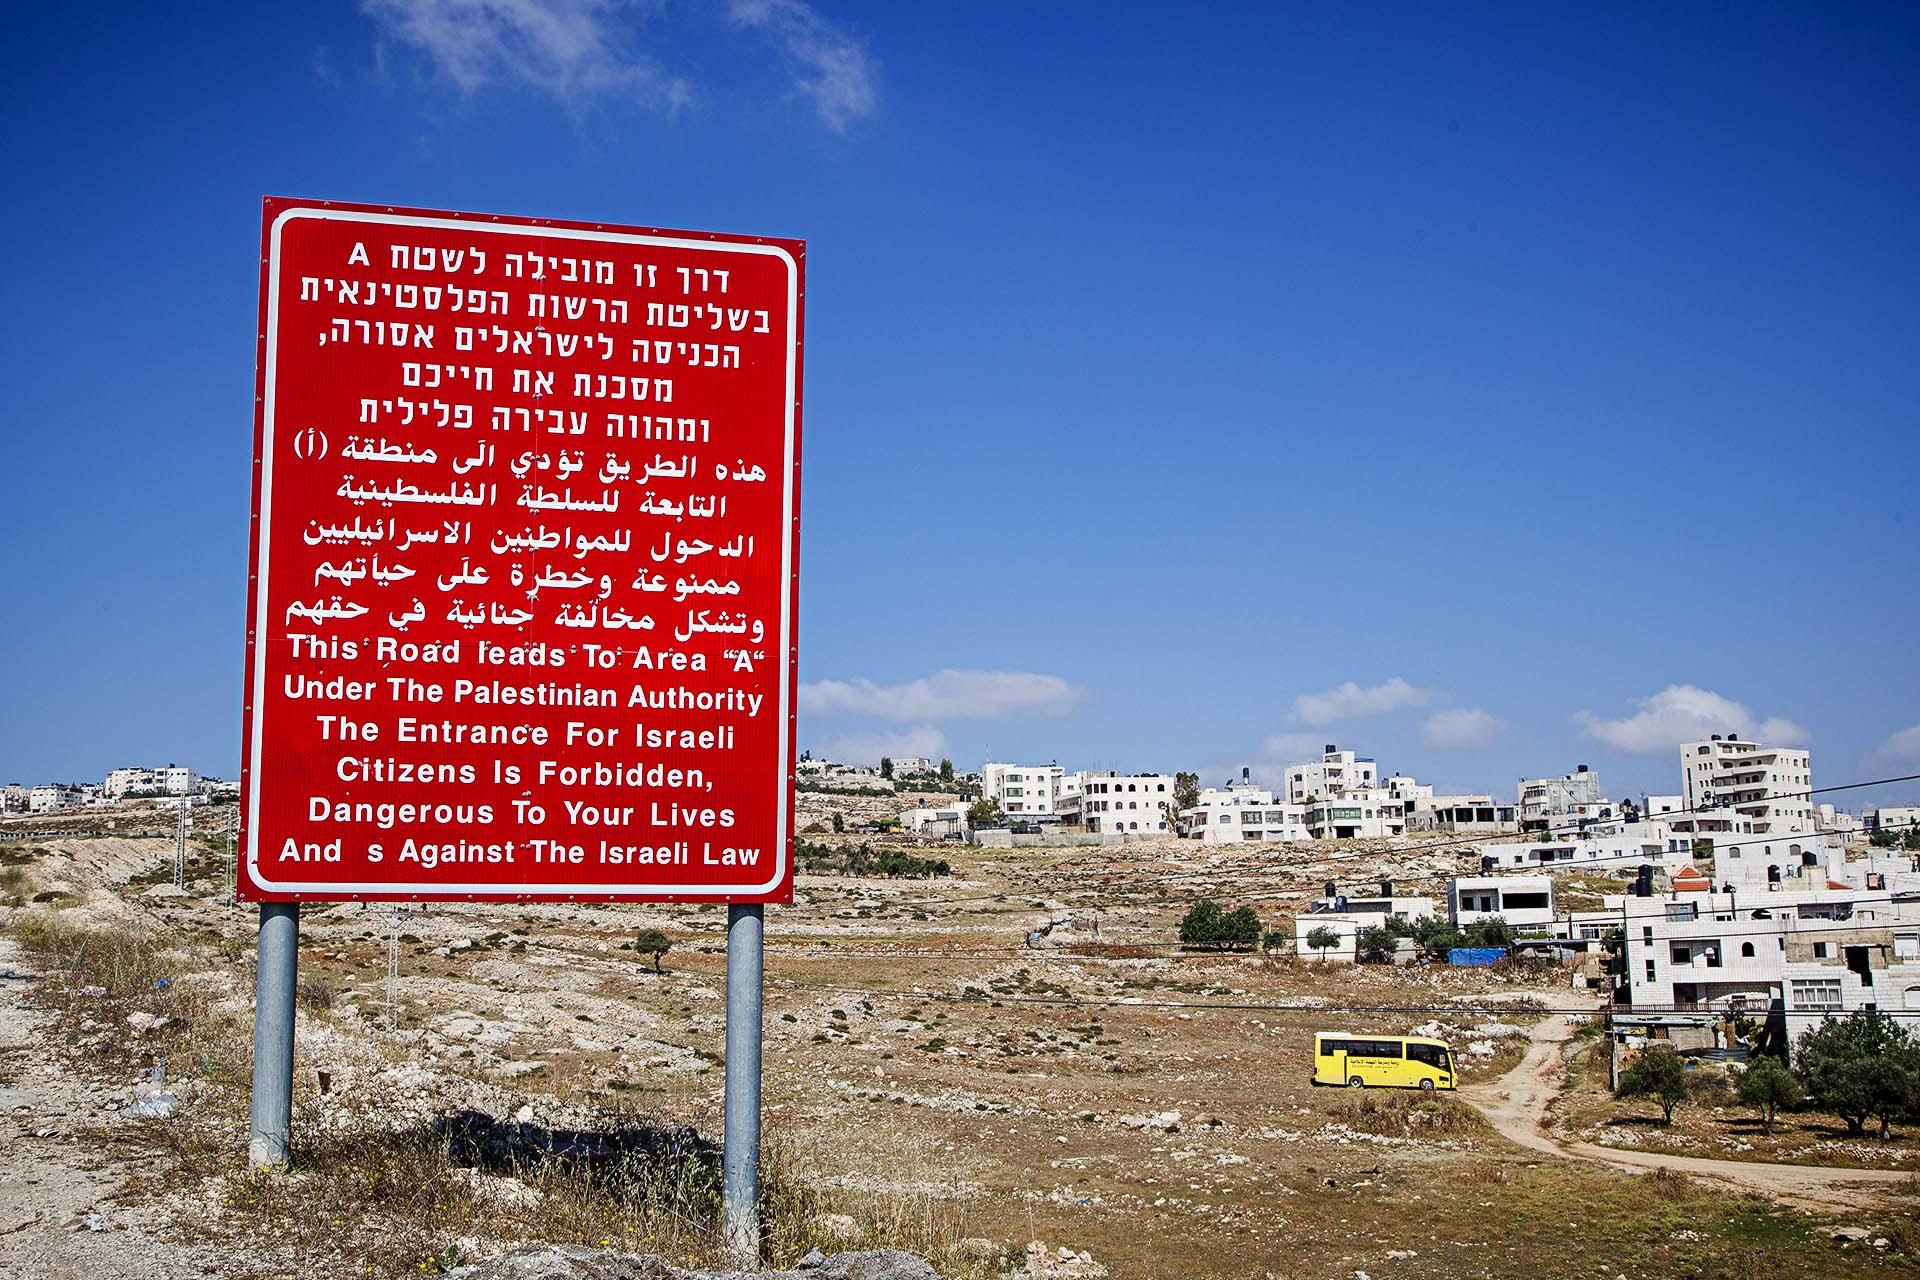 """""""Esta carretera lleva al Área A bajo control de la Autoridad Palestina. La entrada para ciudadanos israelís está prohibida, es peligrosa para su vida y está en contra de la ley israelí""""."""